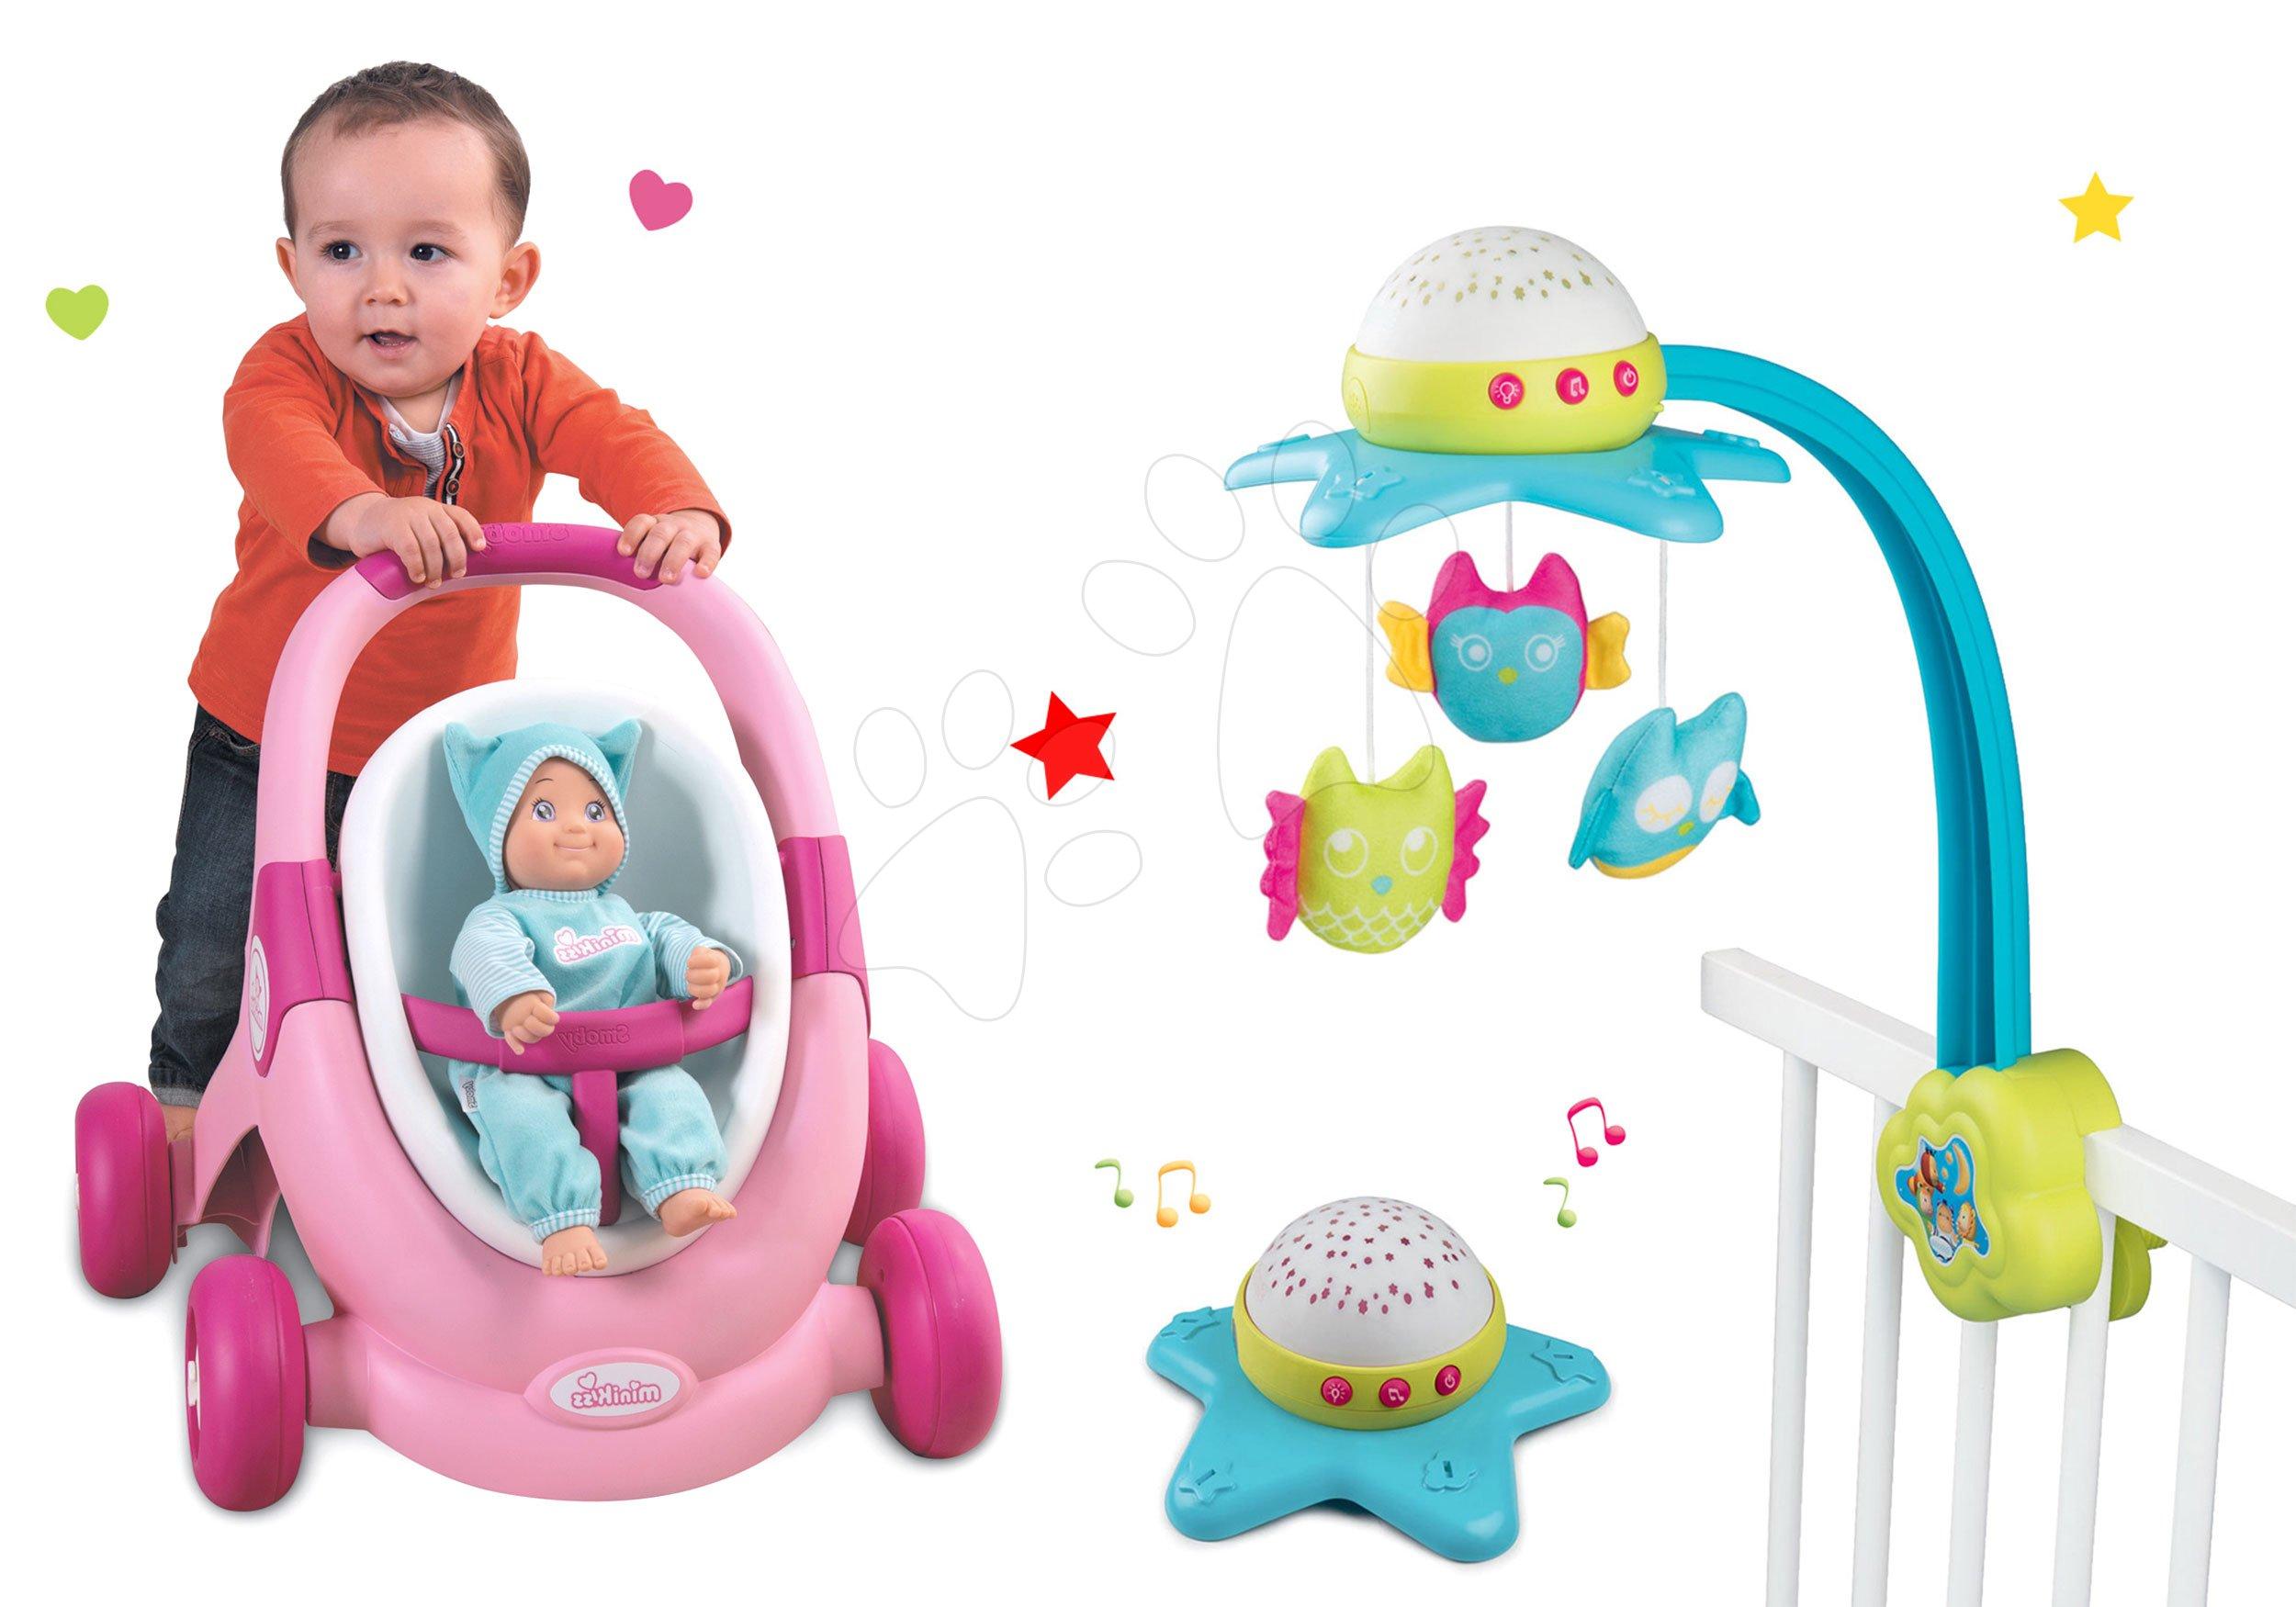 Smoby set kolotoč nad postieľku Star Cotoons 2v1 so sovičkami a kočík pre bábiku a chodítko 2v1 MiniKiss 110116-7